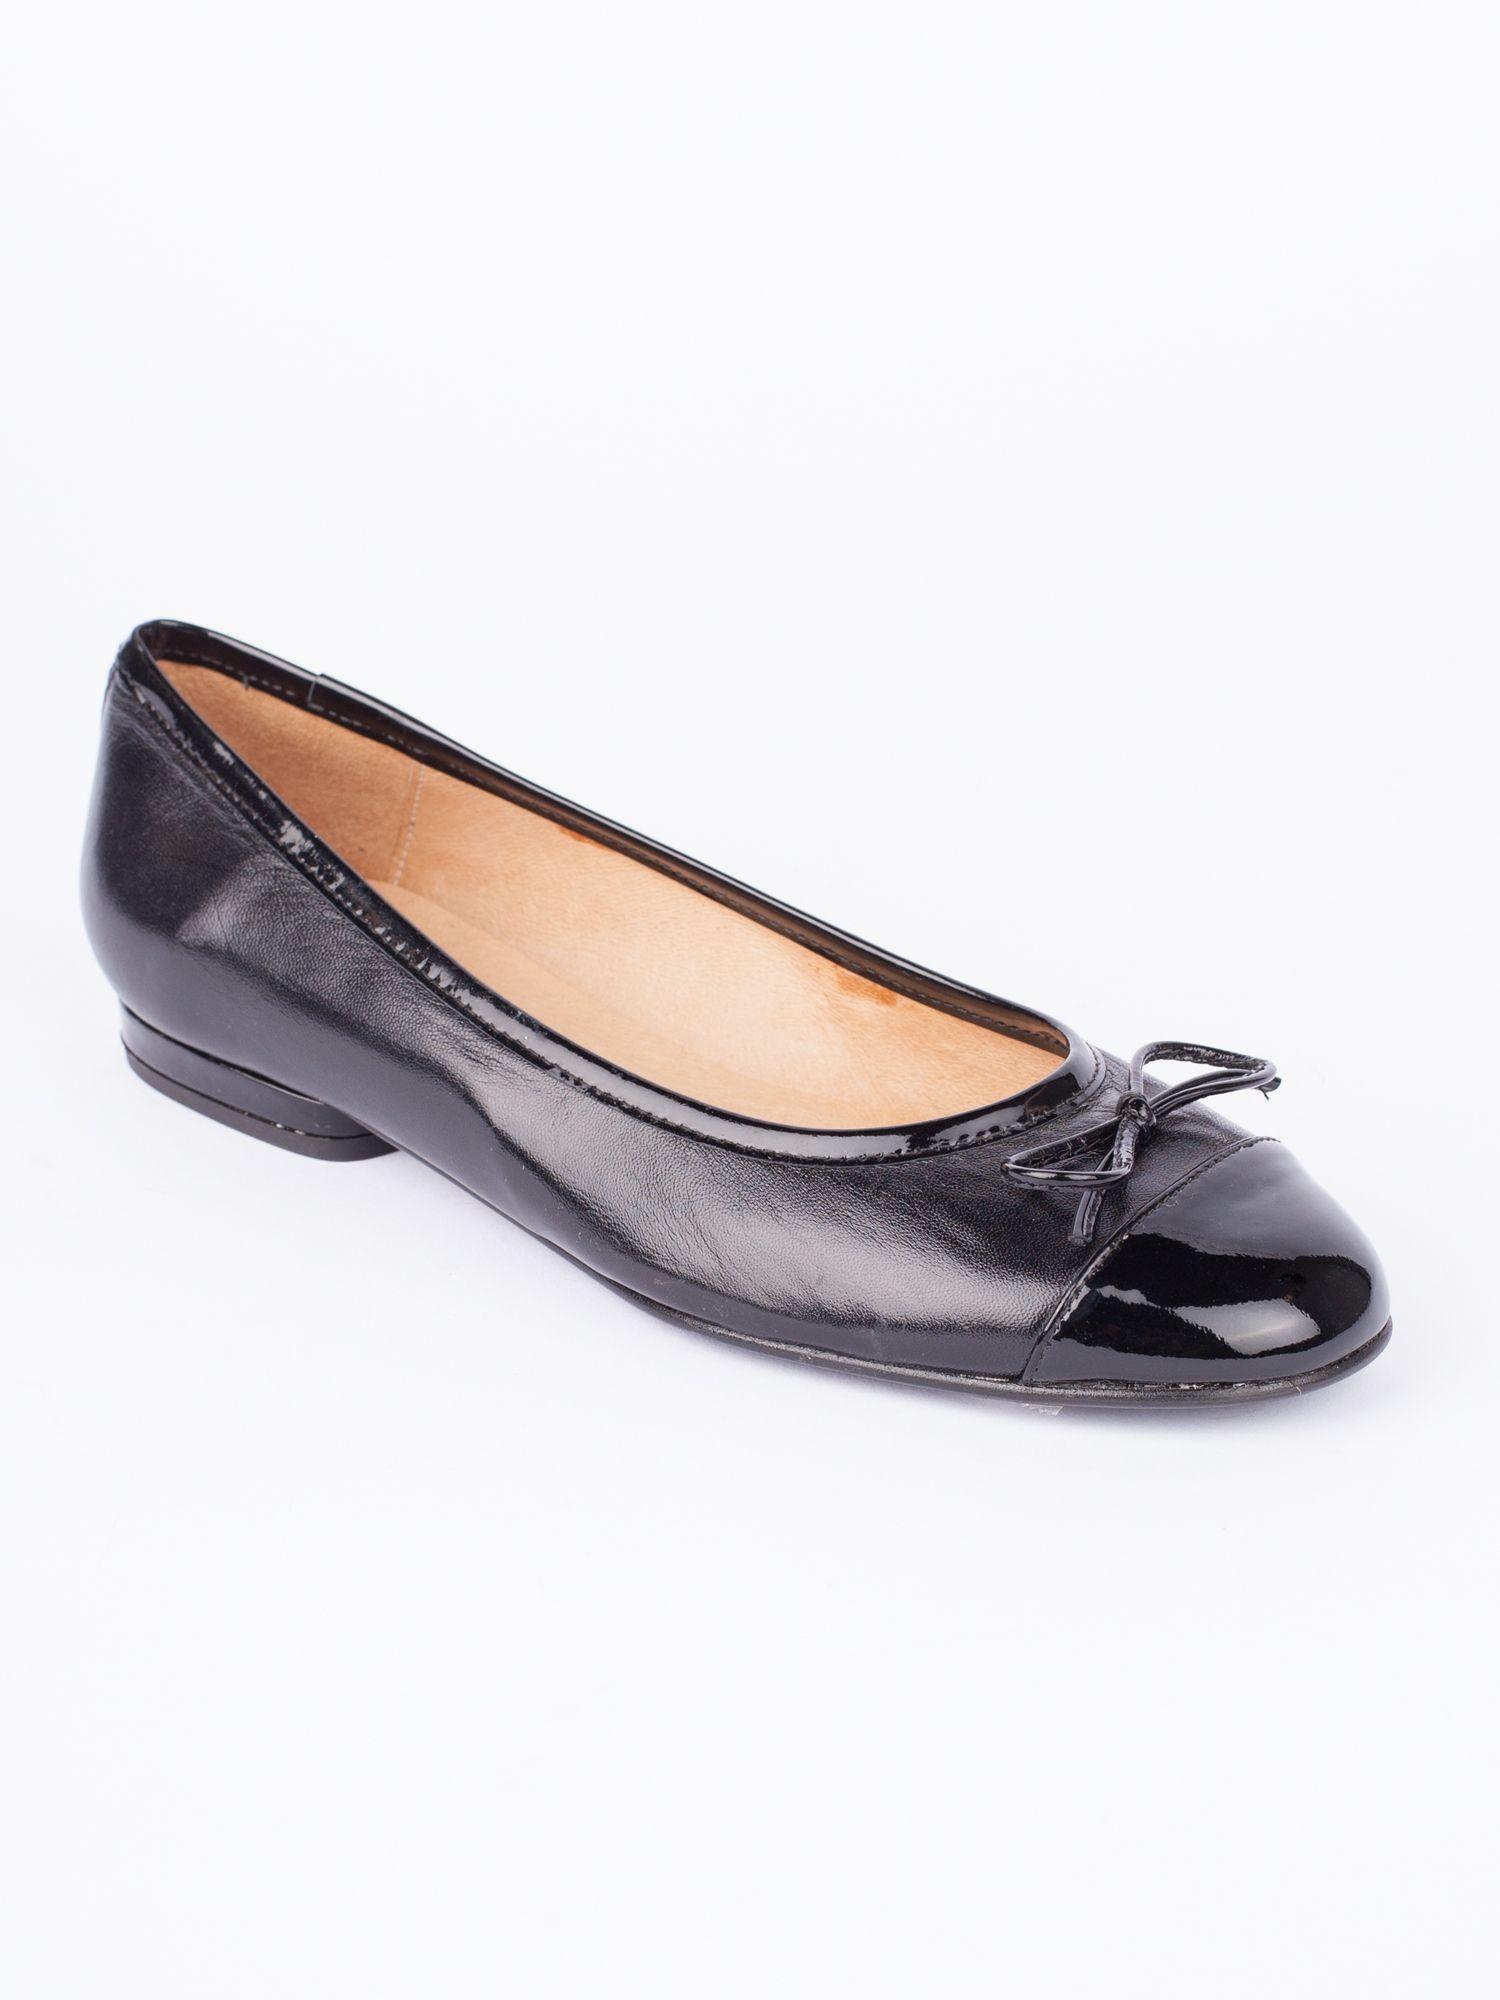 Jones The Bootmaker Ladies Shoes